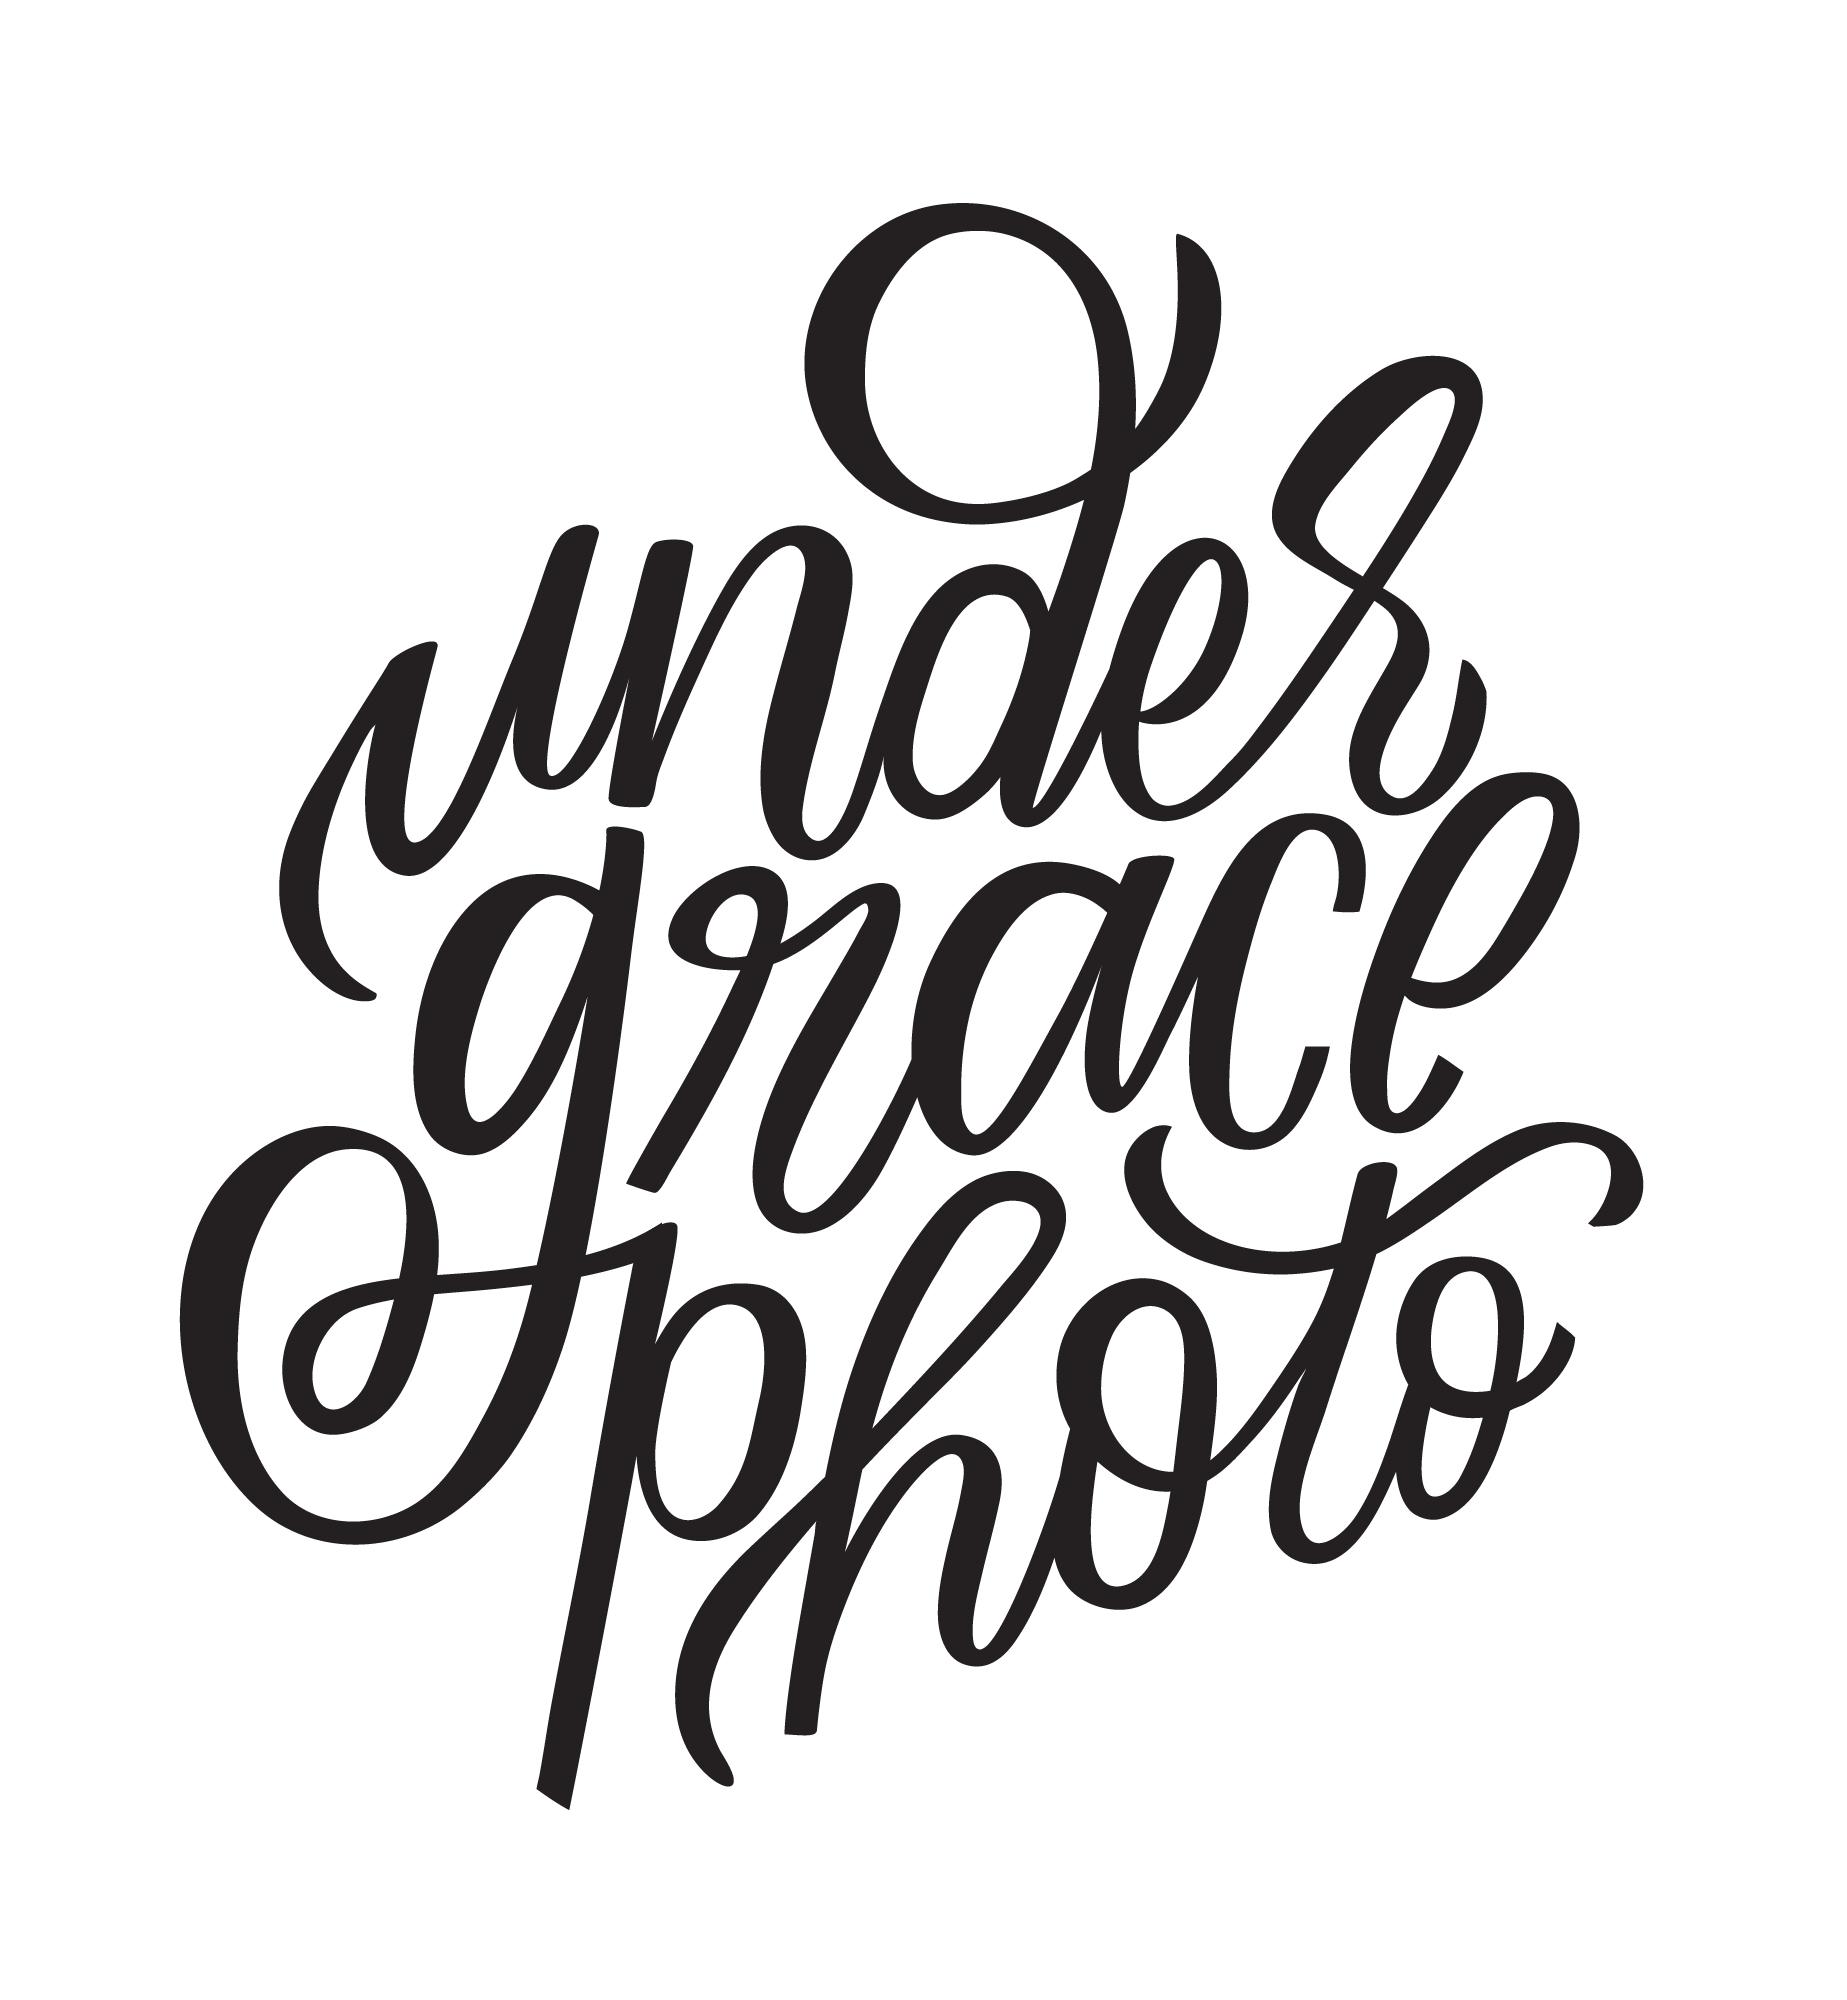 UGP_stacked.jpg